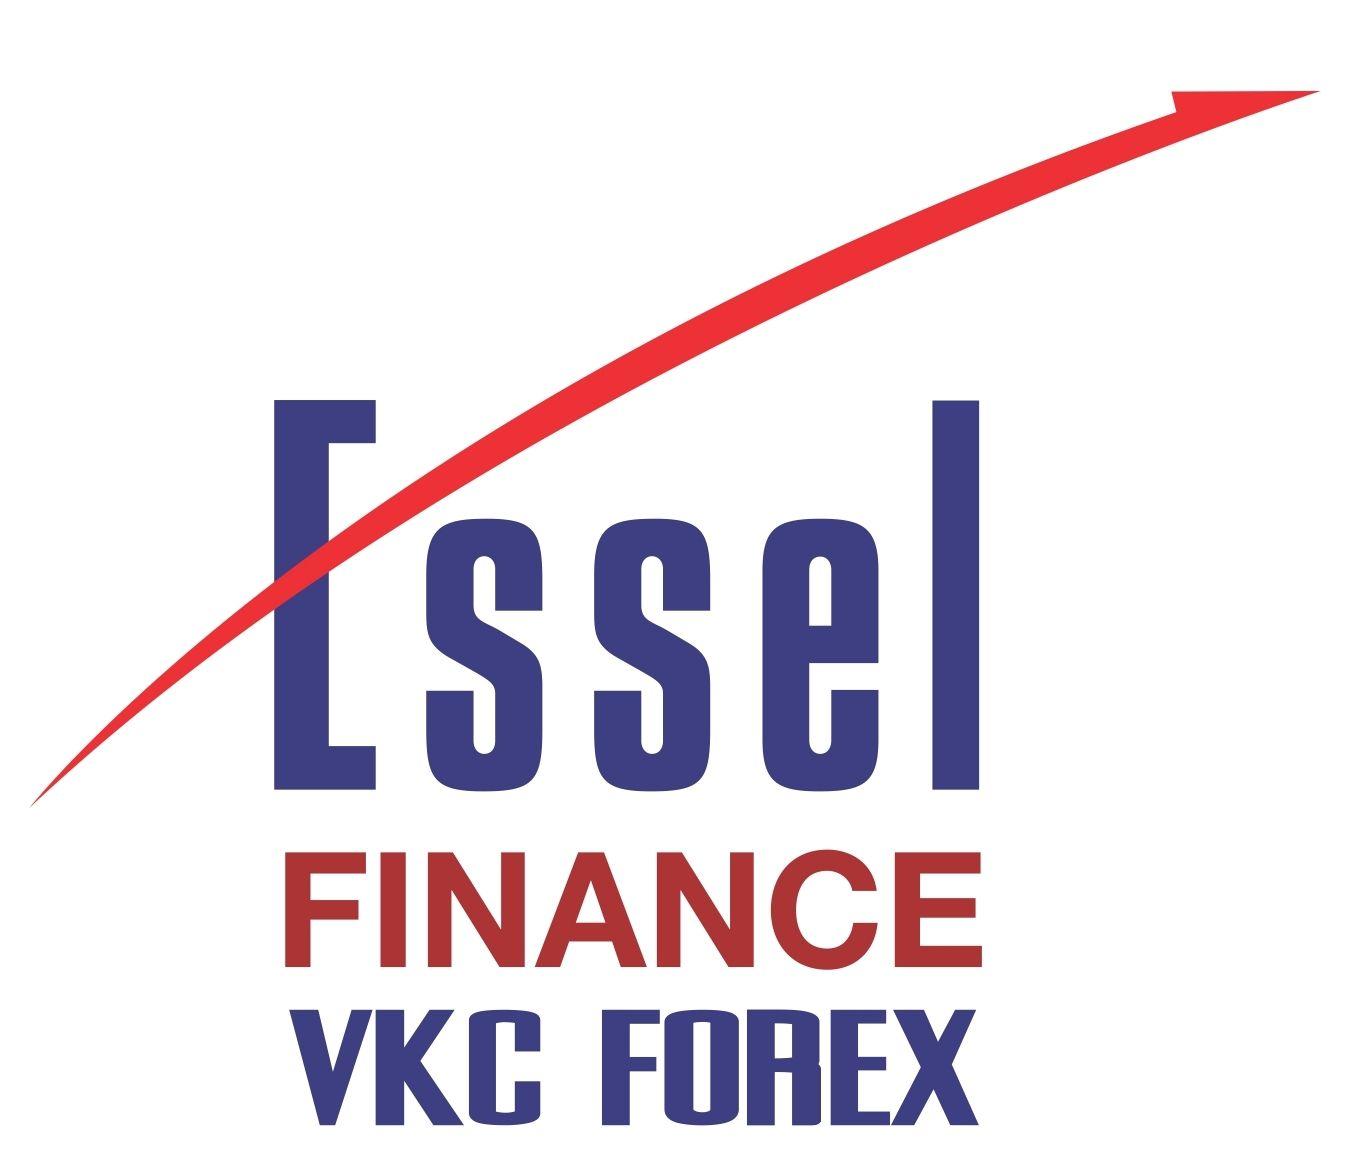 Vkc forex форекс без проблем